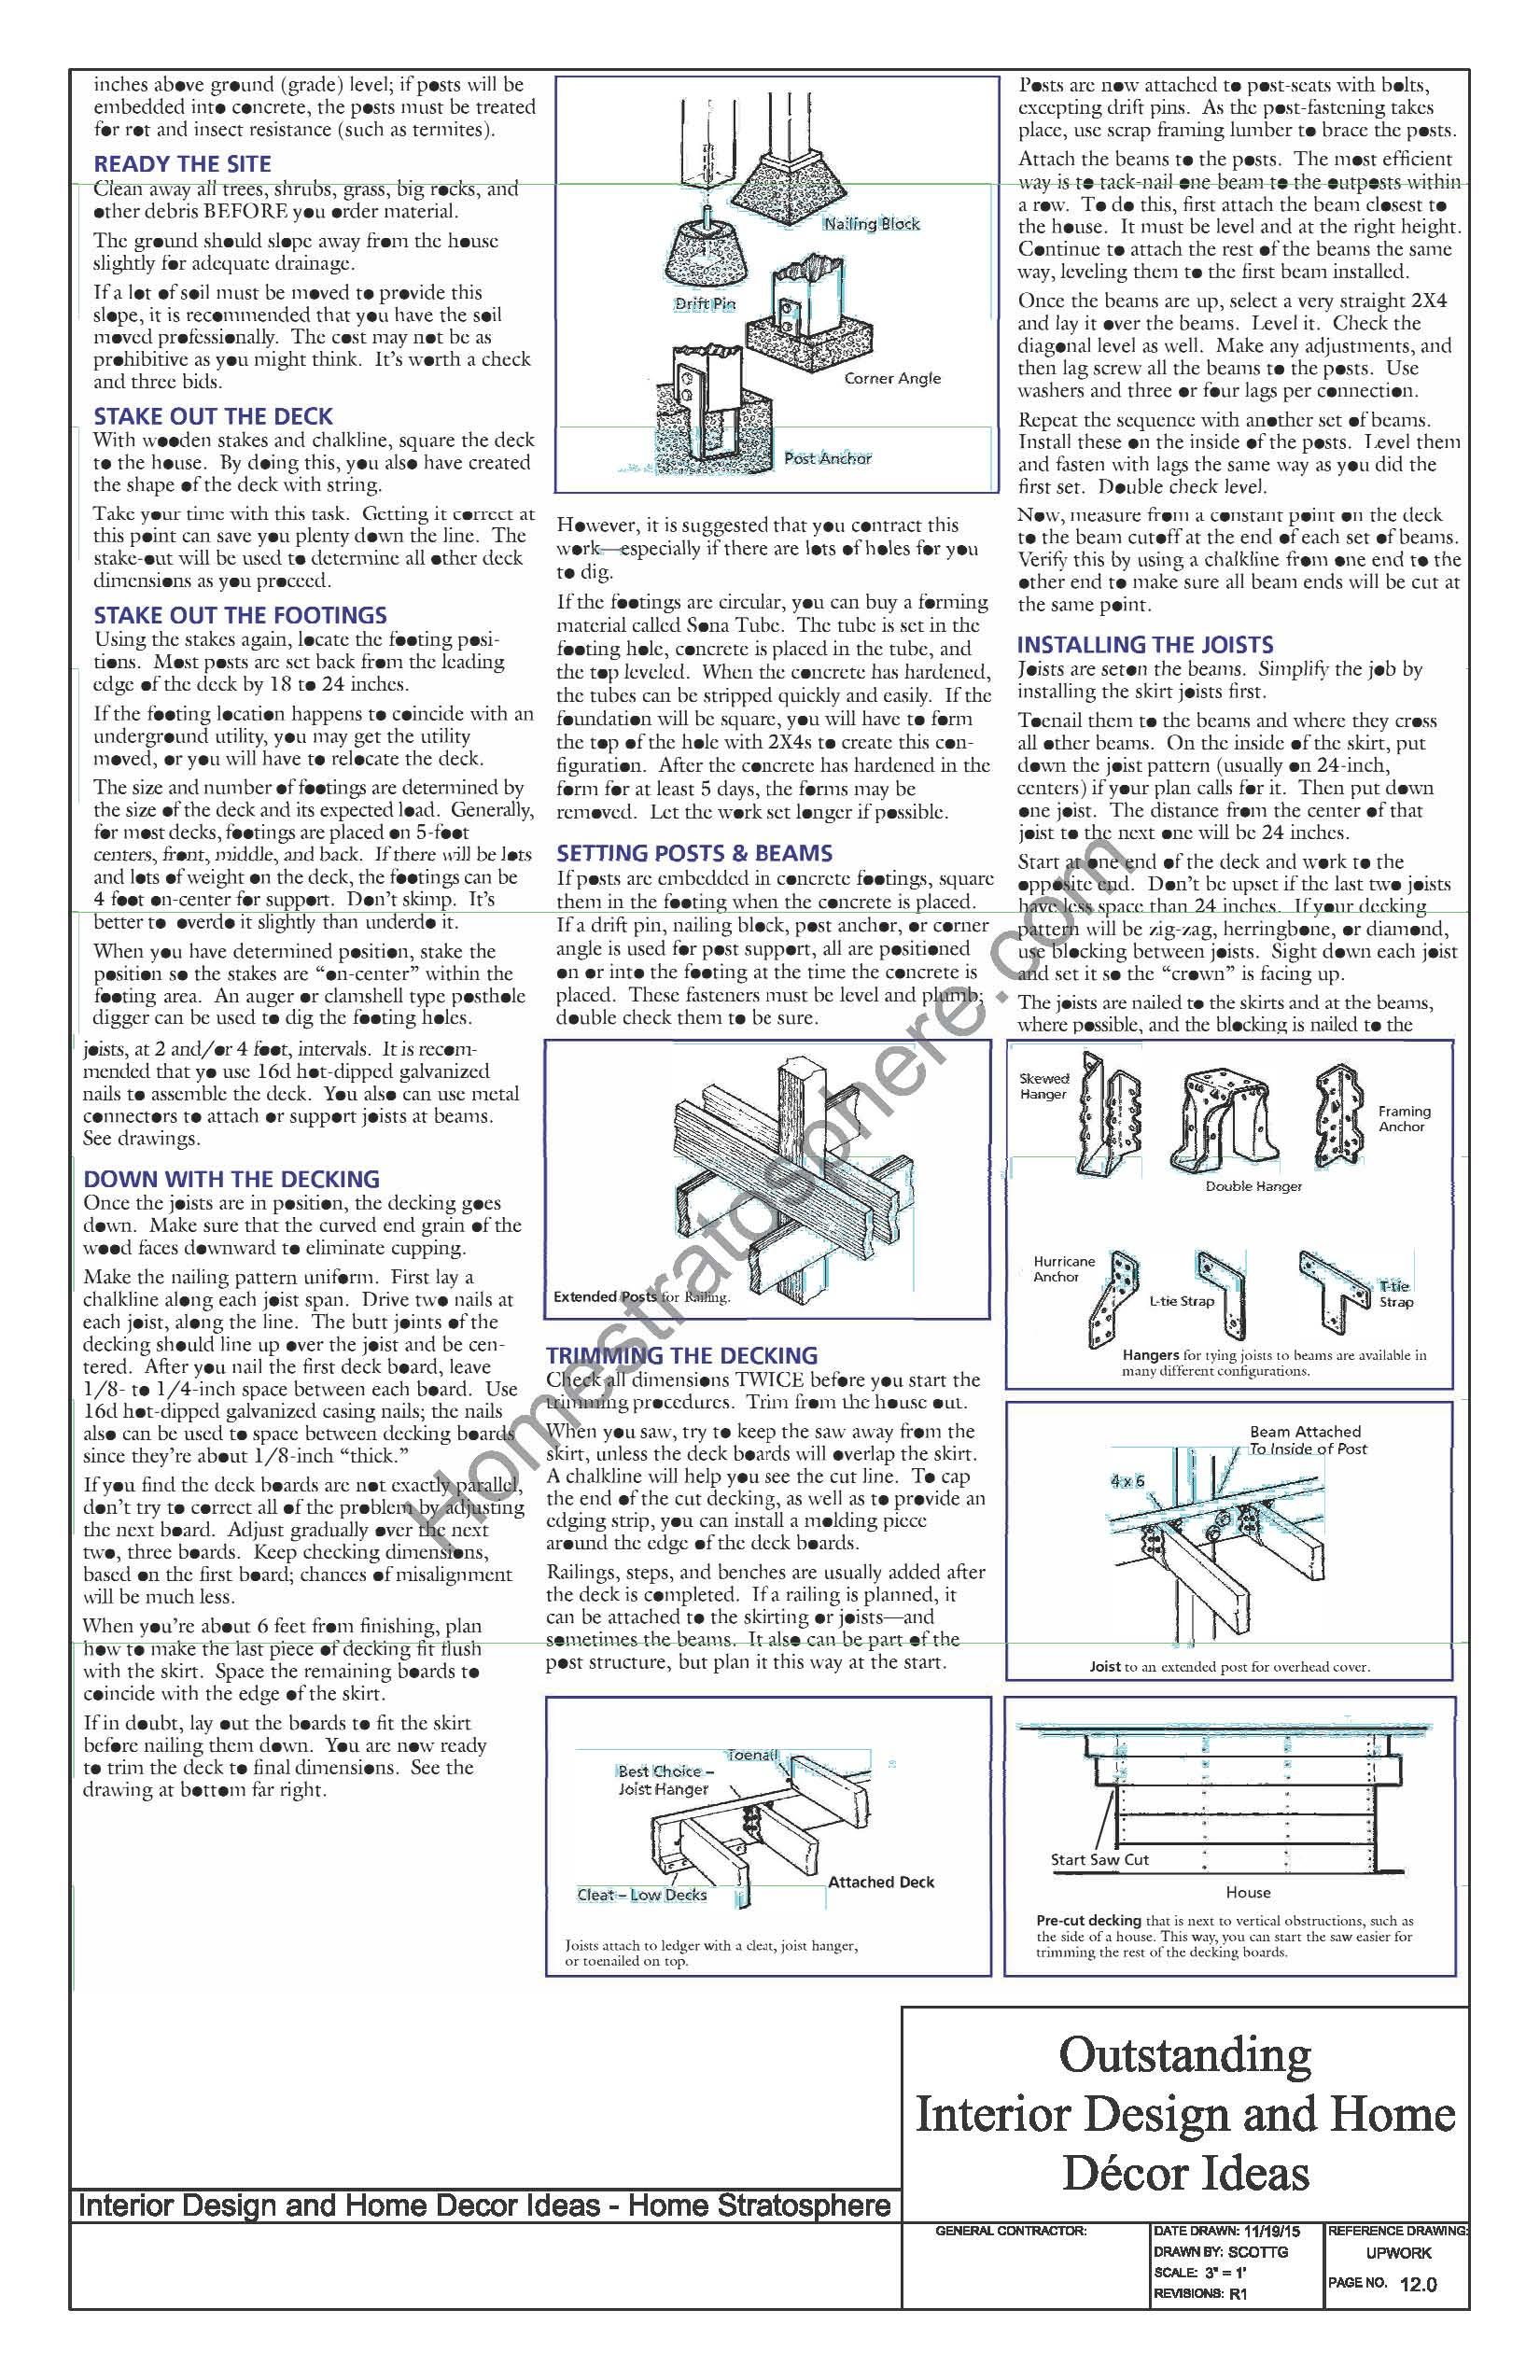 Pergola Deck Tools and Materials (Continued)